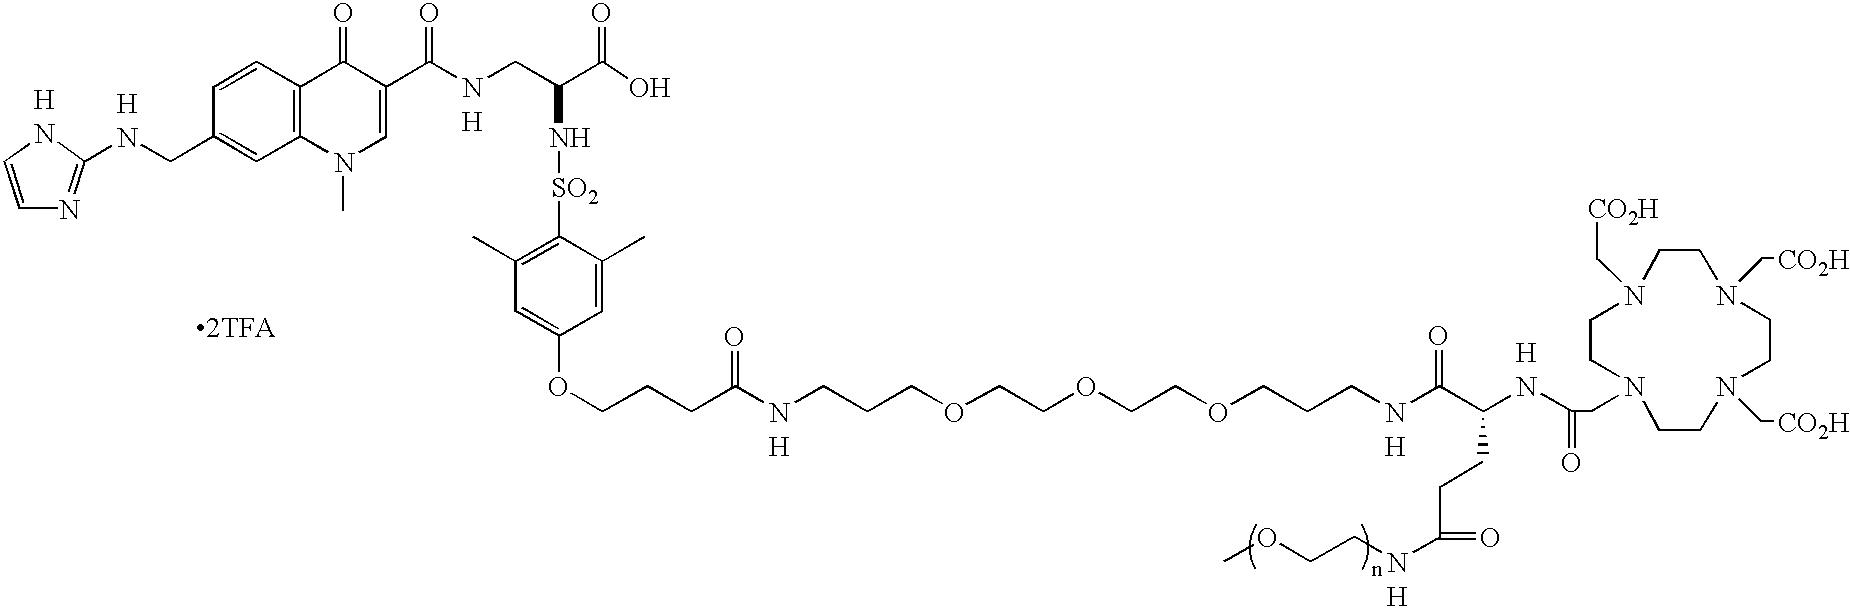 Figure US06683163-20040127-C00089